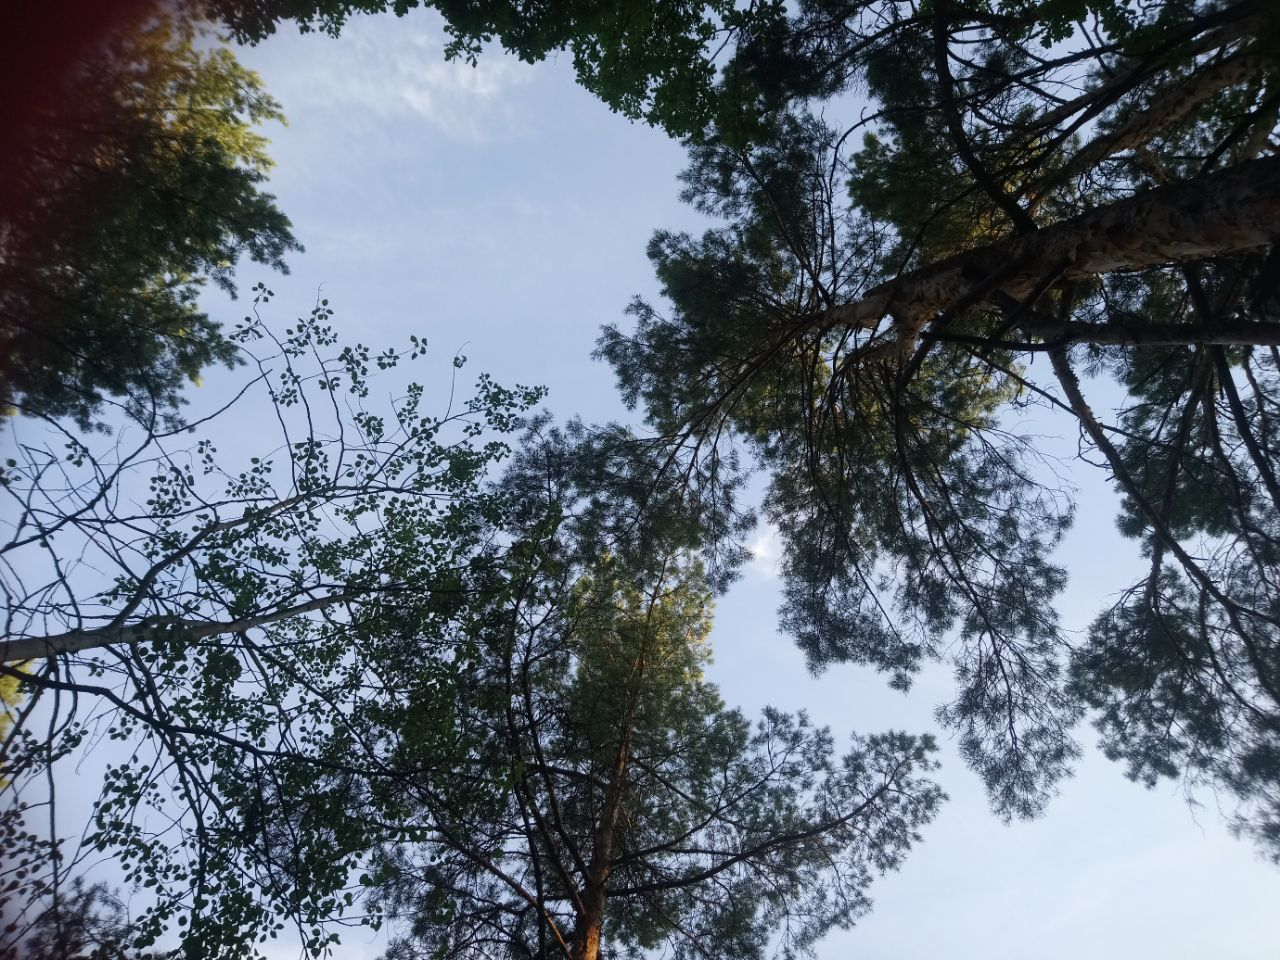 За десять років площа всихання лісів в Україні збільшилась вдвічі - лісовий фонд, ліси, ліс, Дерева - photo5258401599947124174